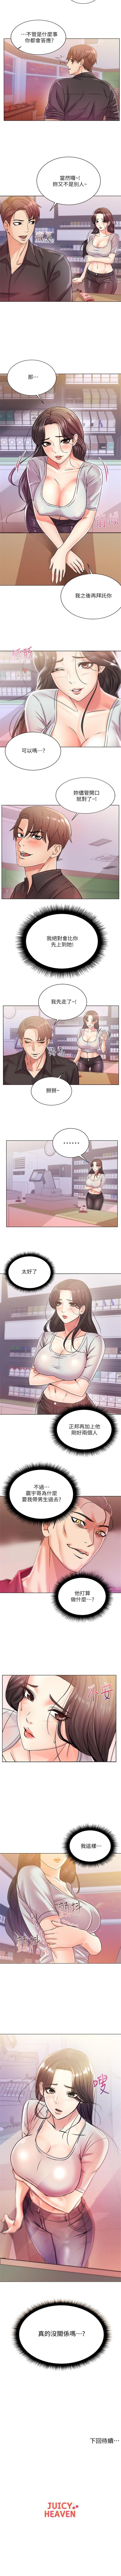 超市的漂亮姐姐 1-27 官方中文(連載中) 114